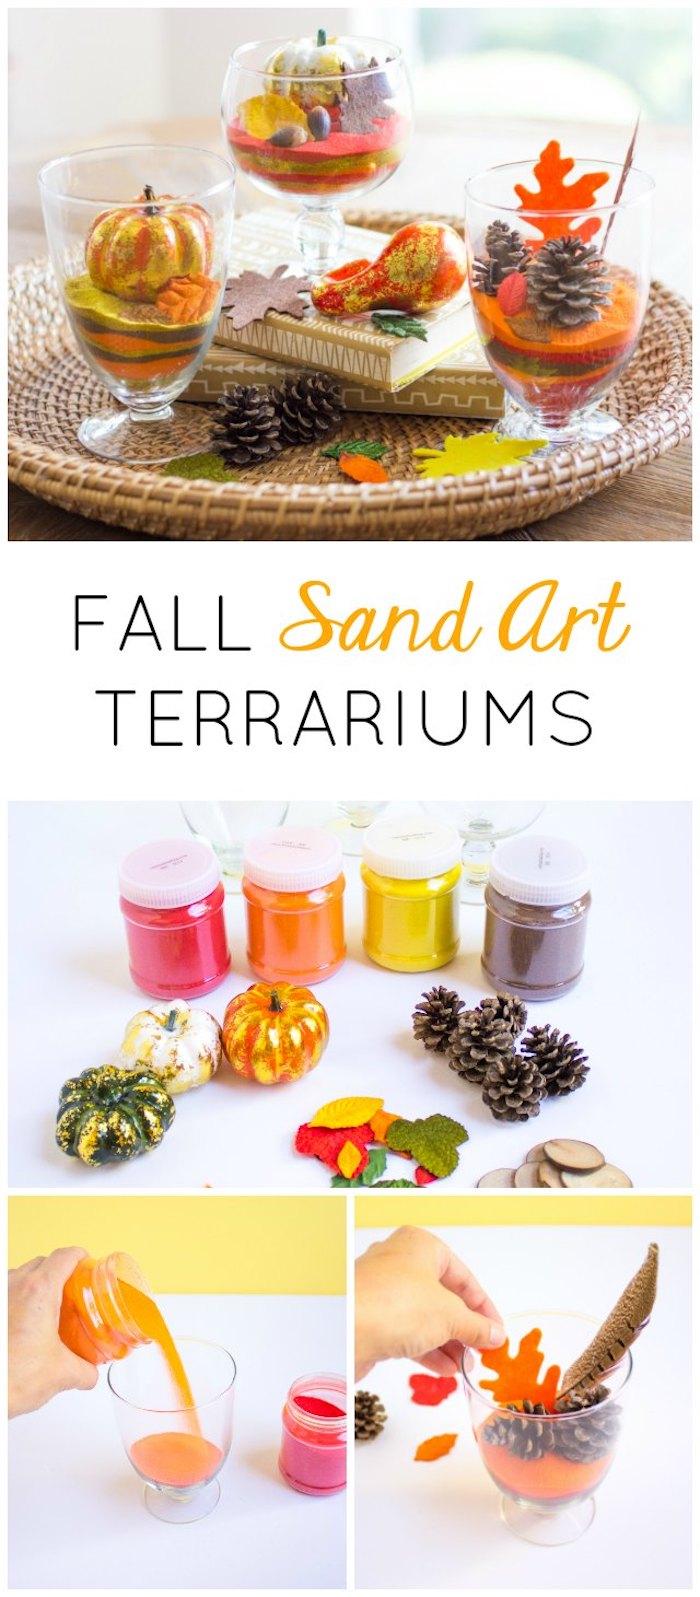 idée comment faire un terrarium plante en sable coloré , pommes de pins, mini citrouilles et feuilles mortes artificielles, deco automne a faire soi meme